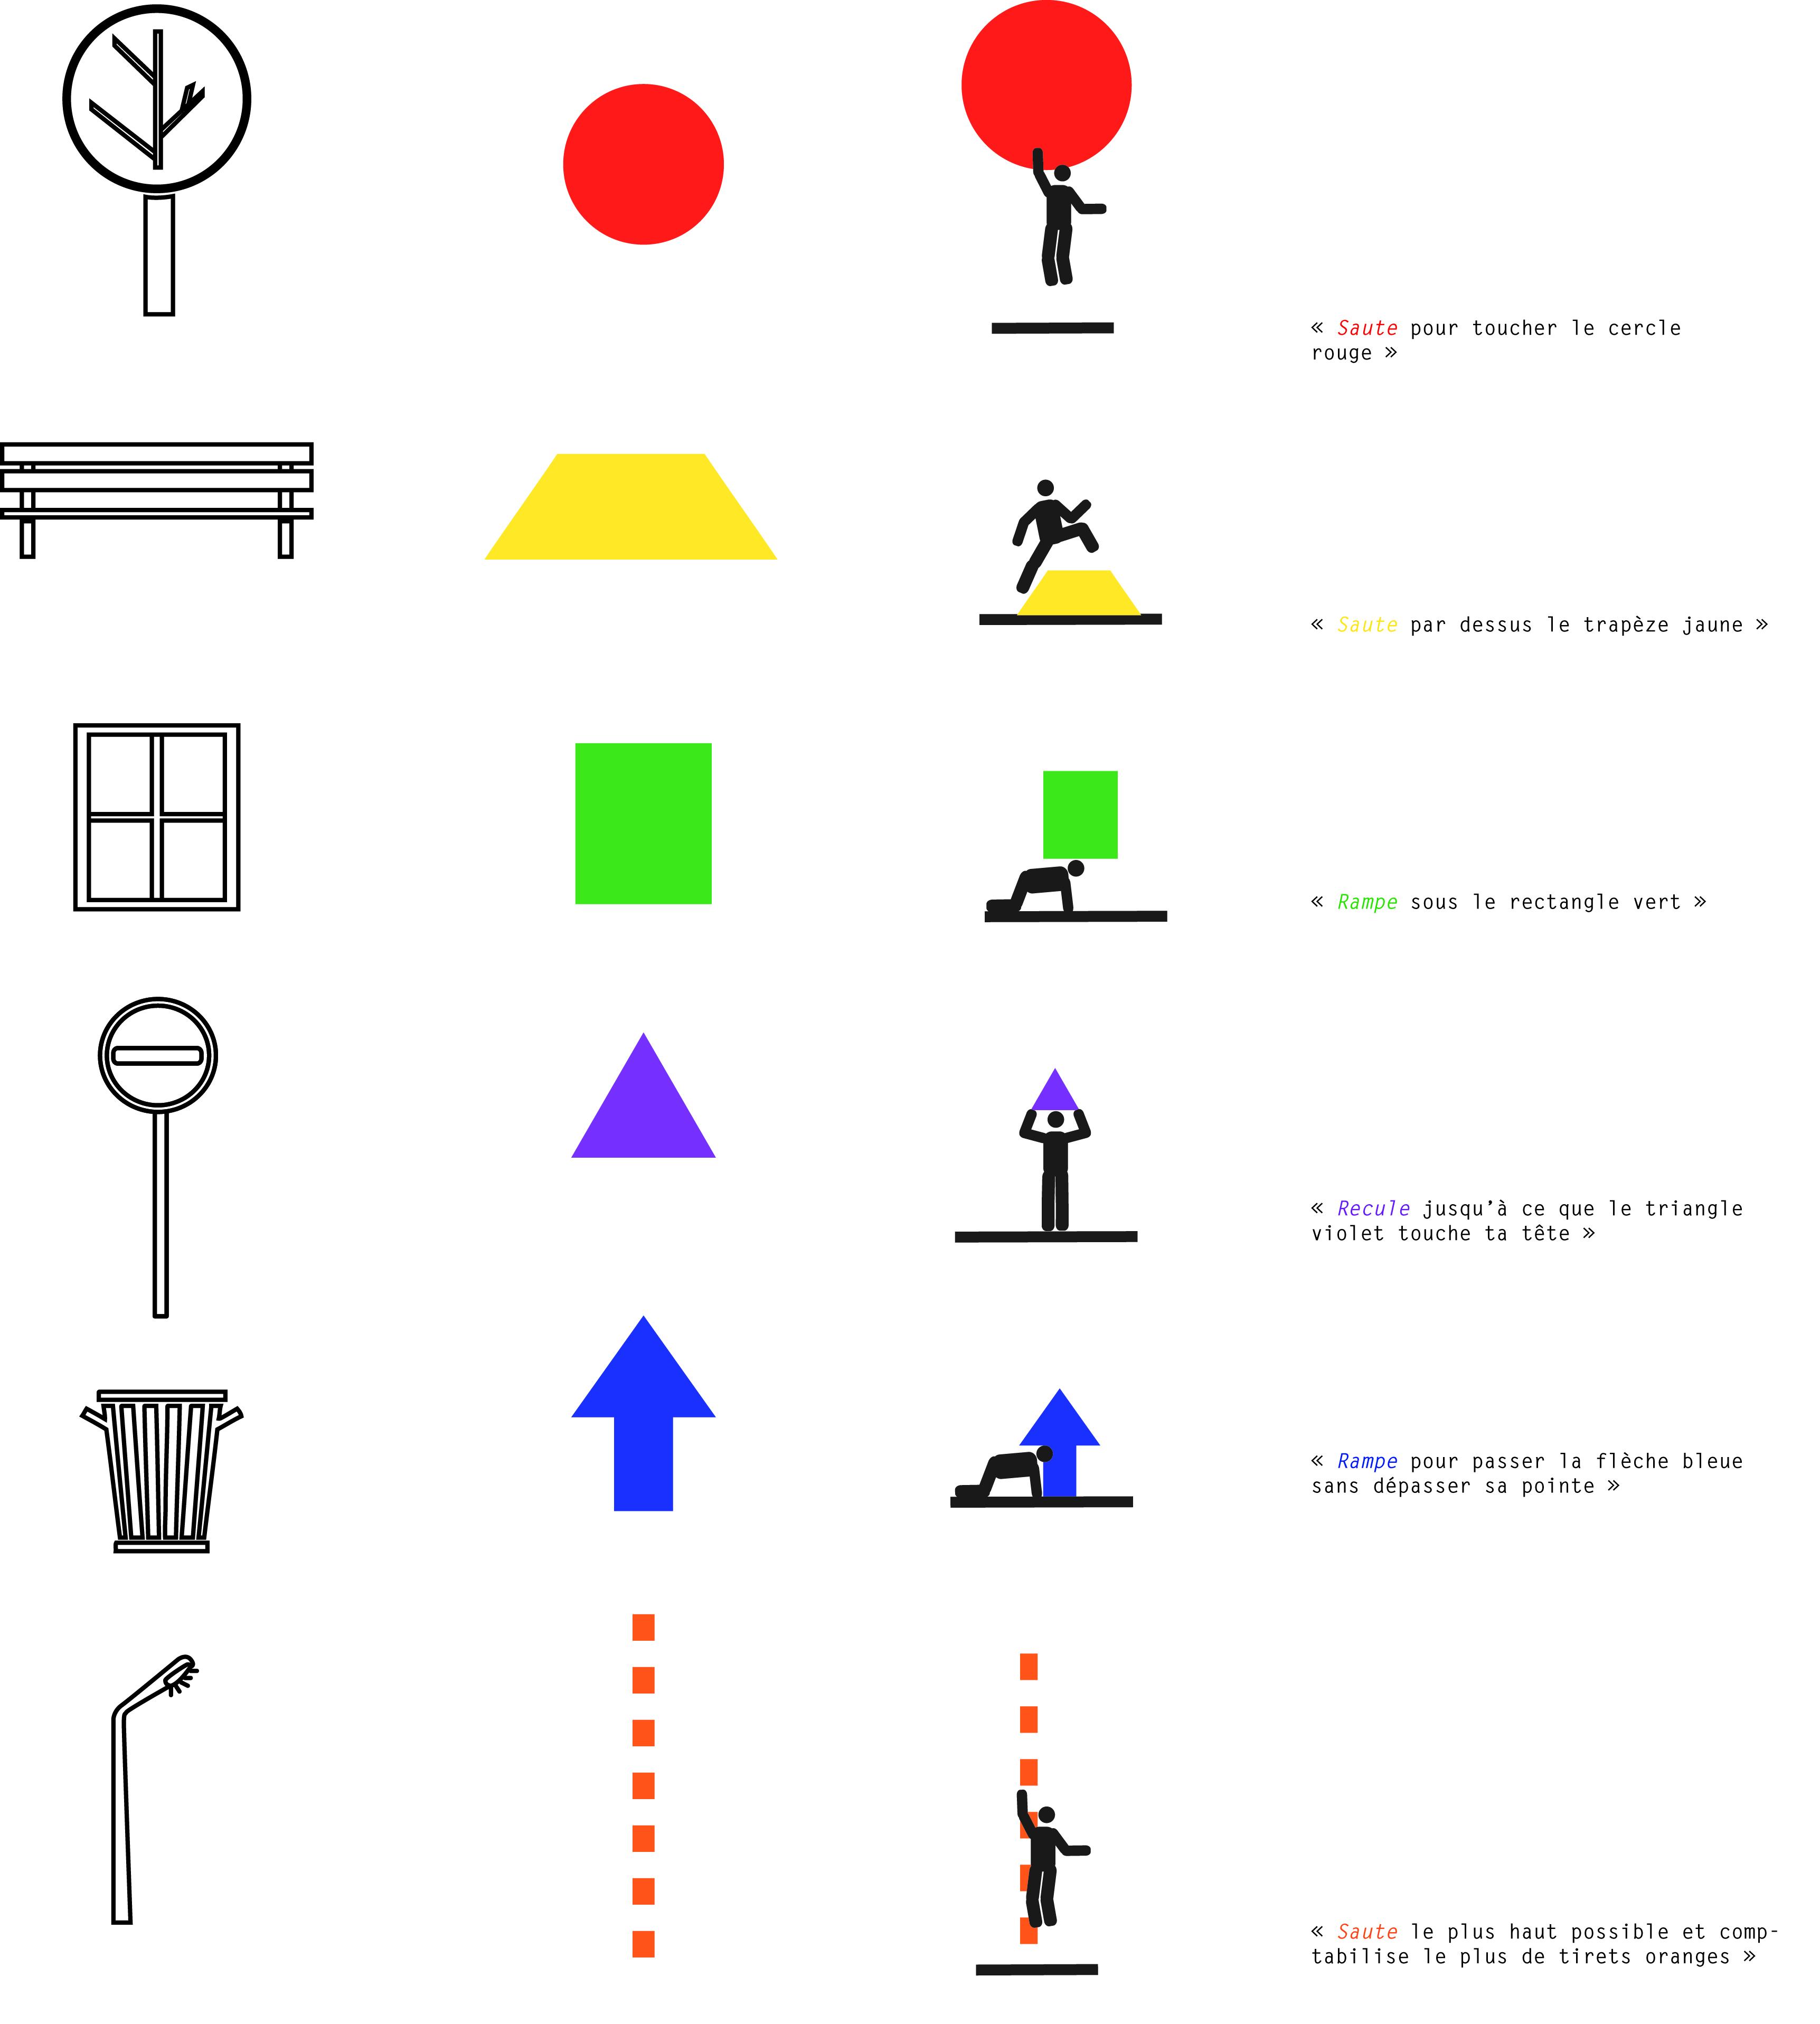 règles du jeu dessin